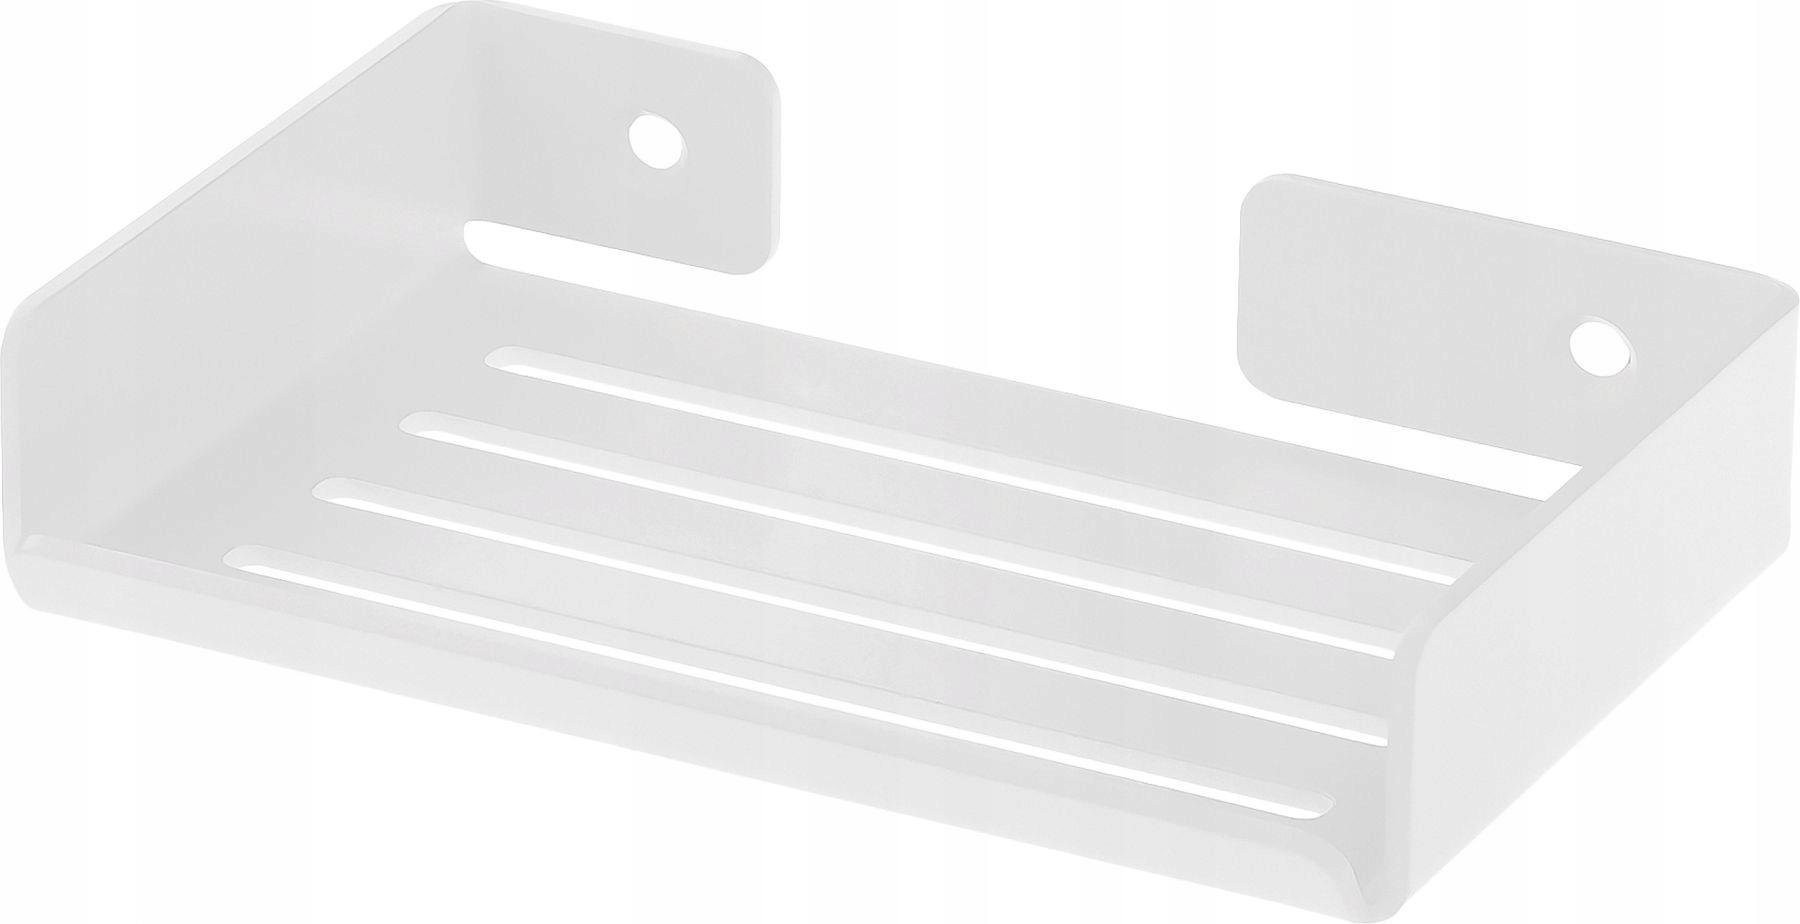 Nástenná mydelnička Mokko biela ADM A411 Deante